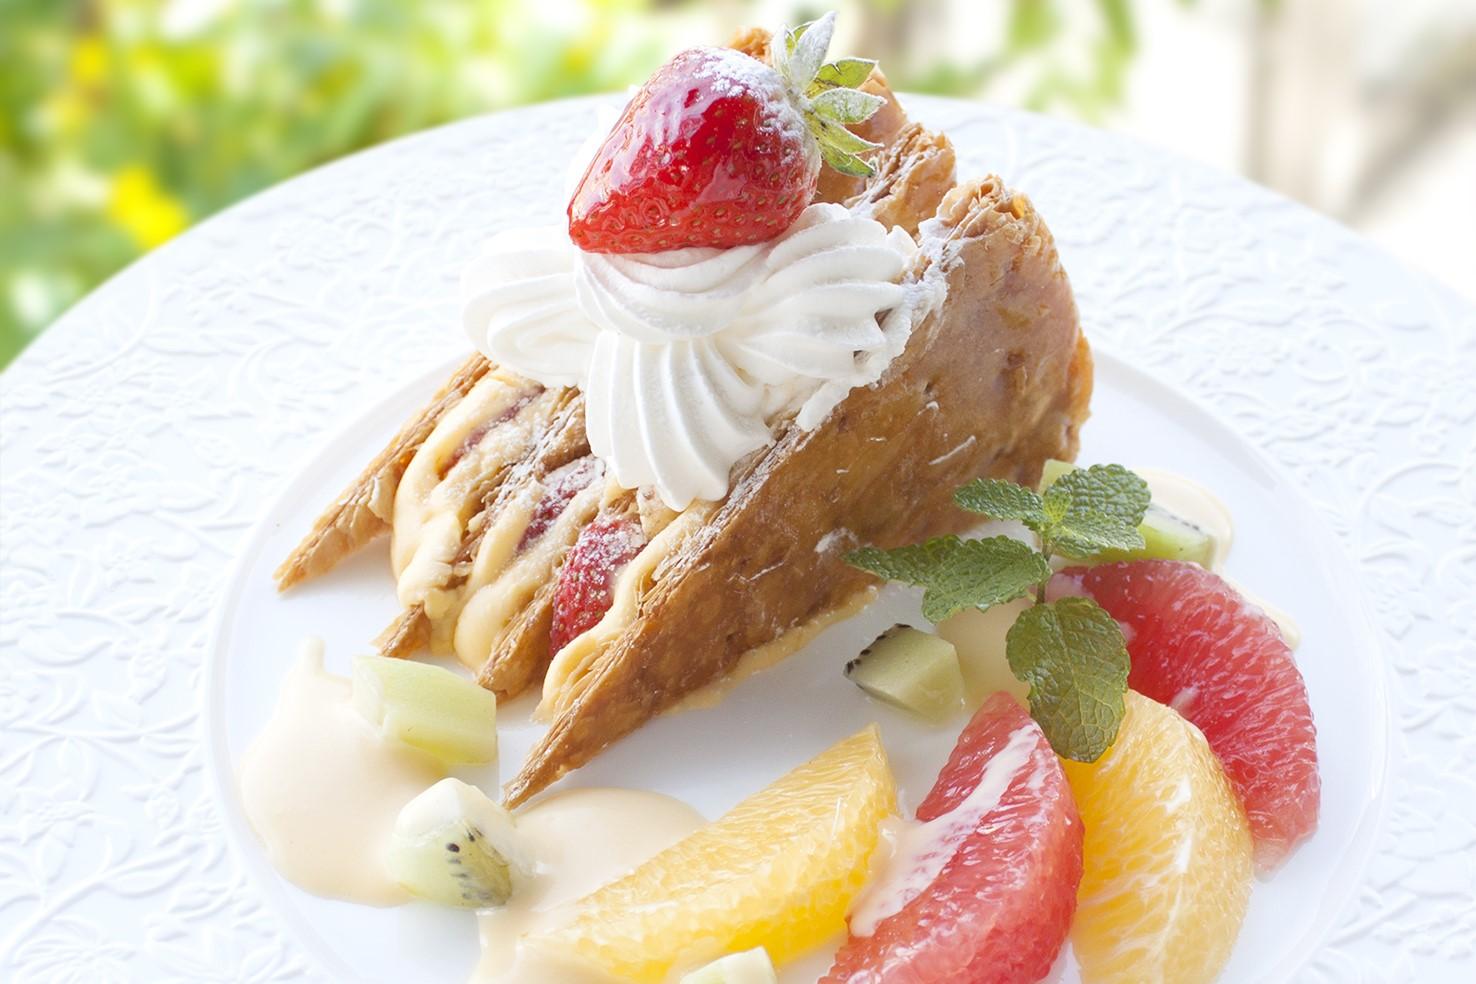 【大阪梅田】ケーキの名店「デリチュースカフェ」がホワイティうめだに登場